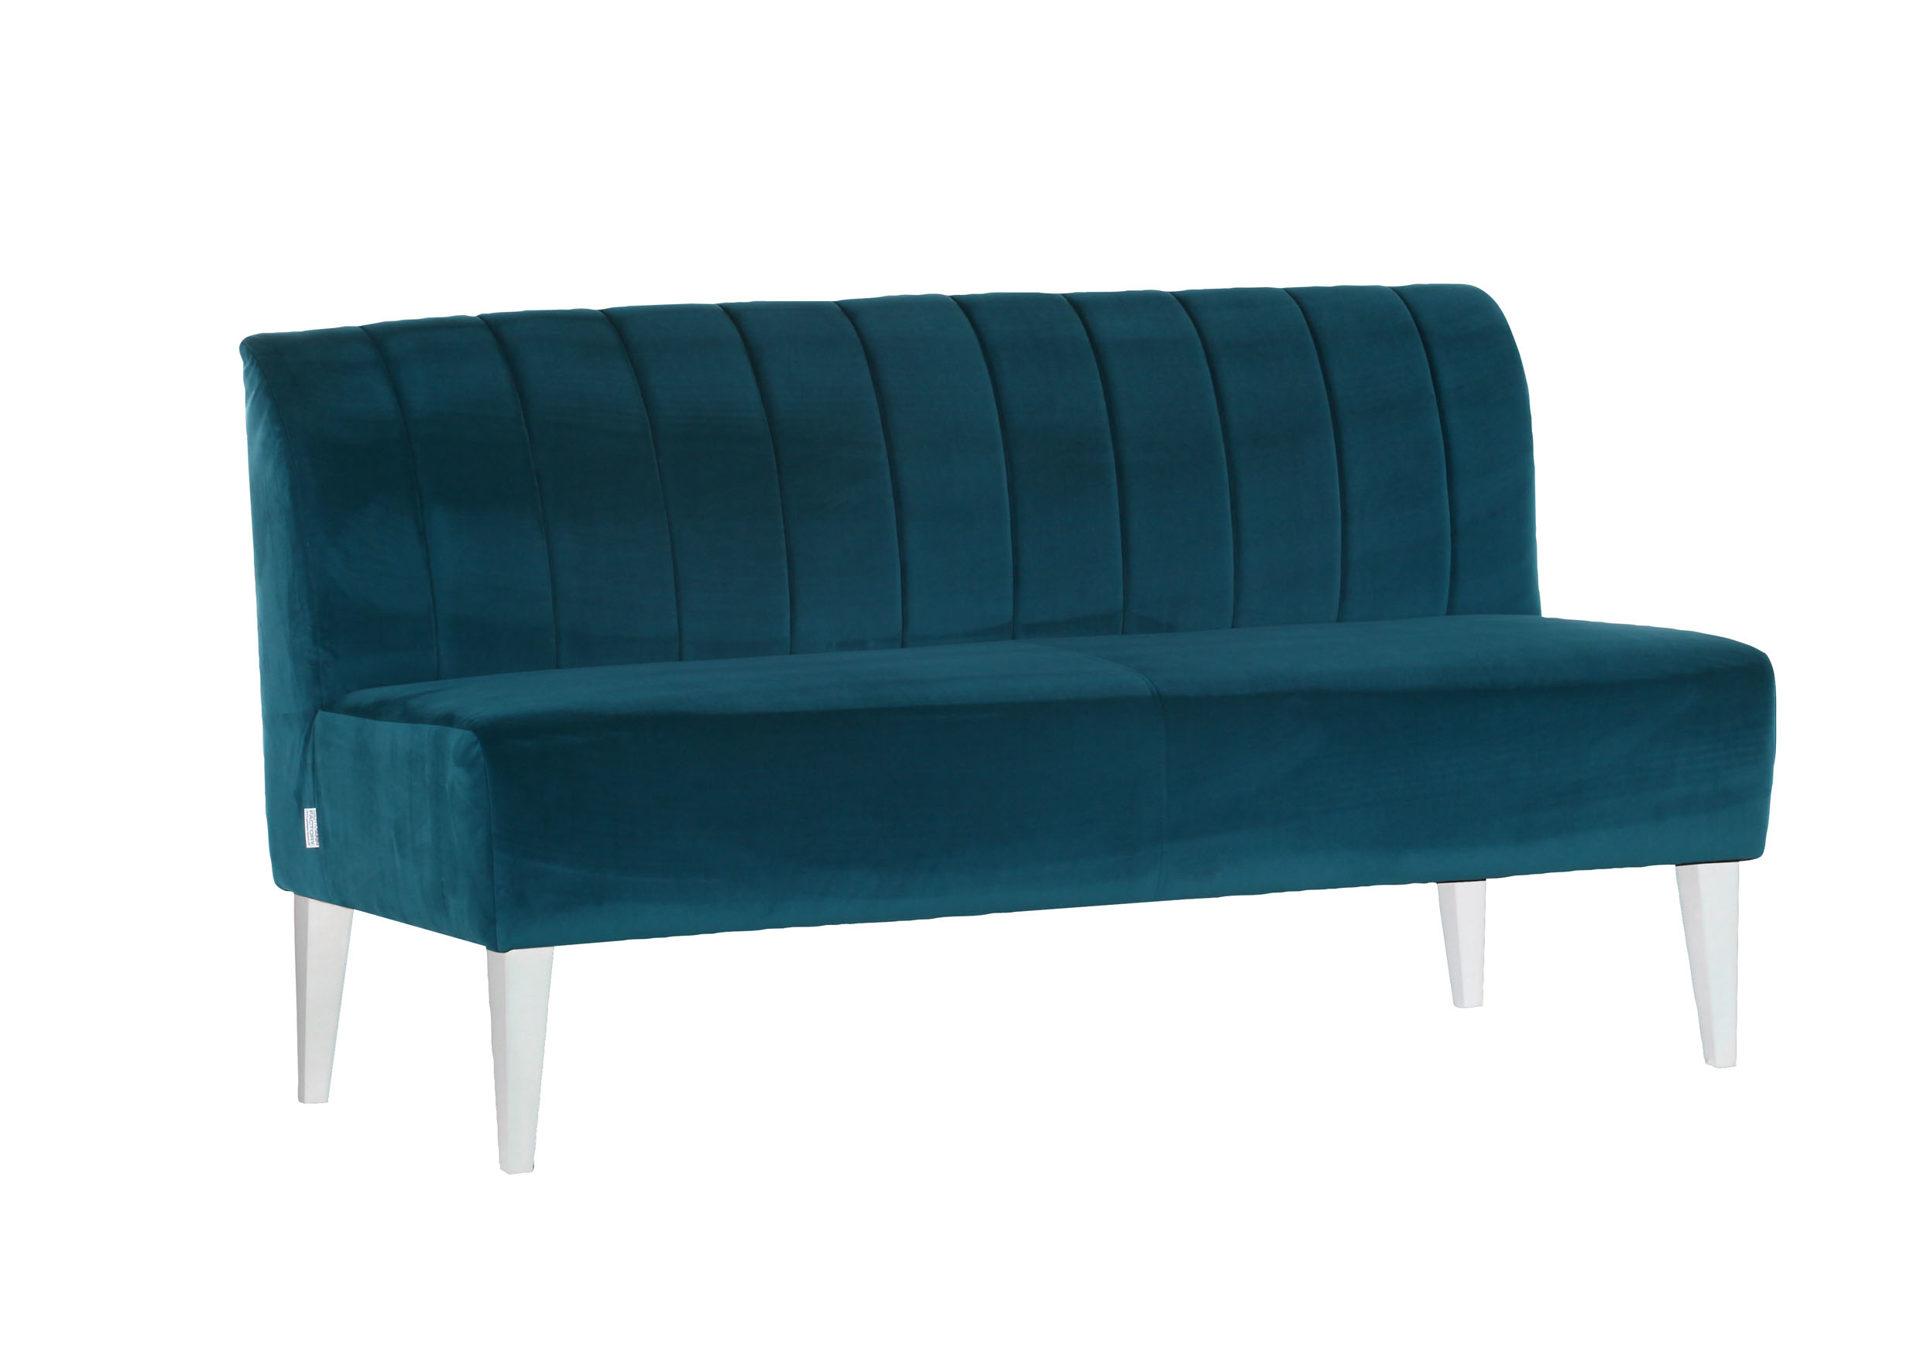 Sofa Für Esszimmer möbel frauendorfer amberg räume esszimmer stühle bänke